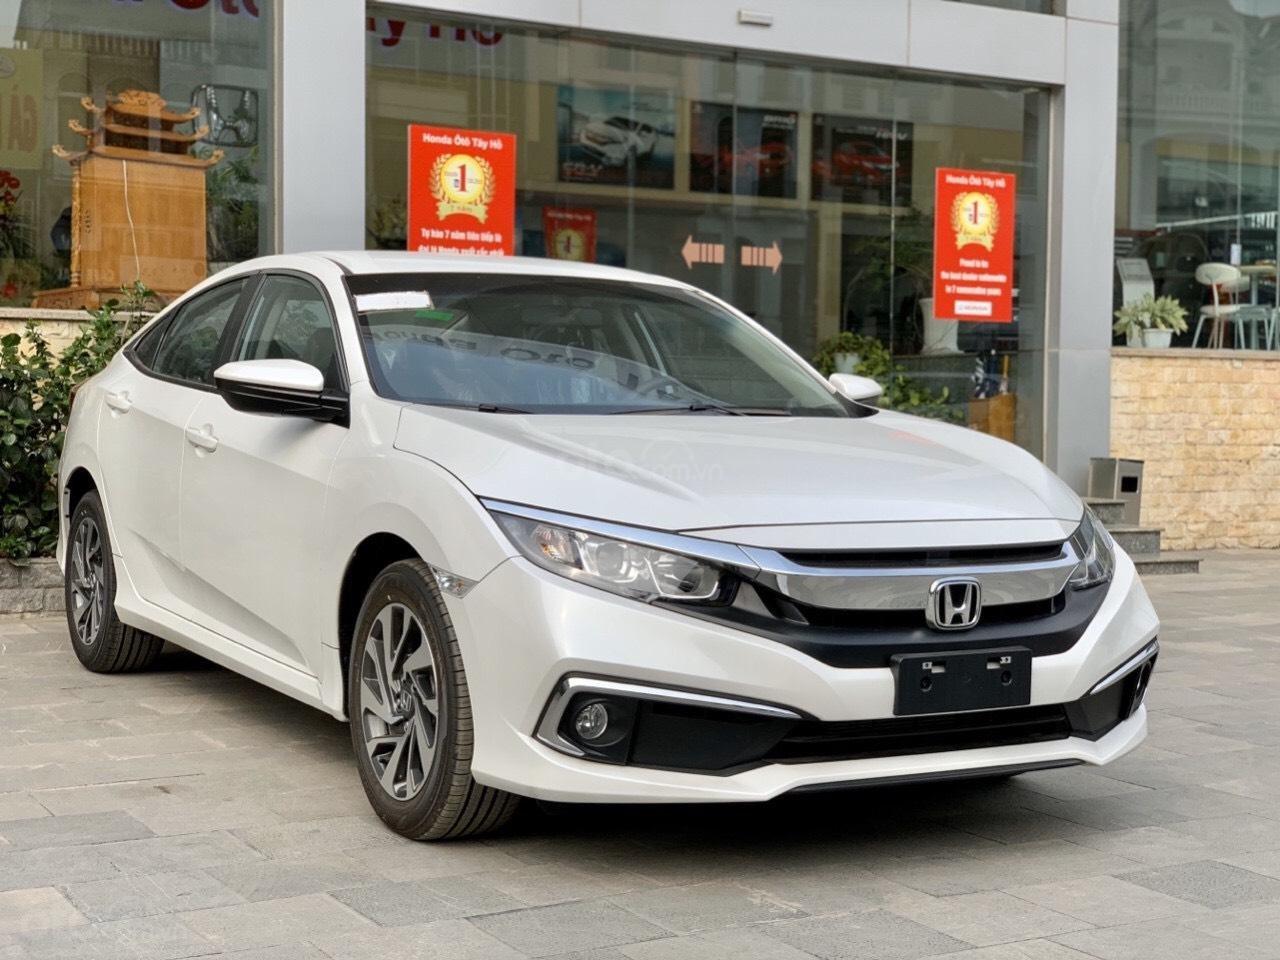 Siêu khuyến mãi Honda Civic 2020 nhập khẩu, khuyến mại 80 triệu tiền mặt, phụ kiện (1)